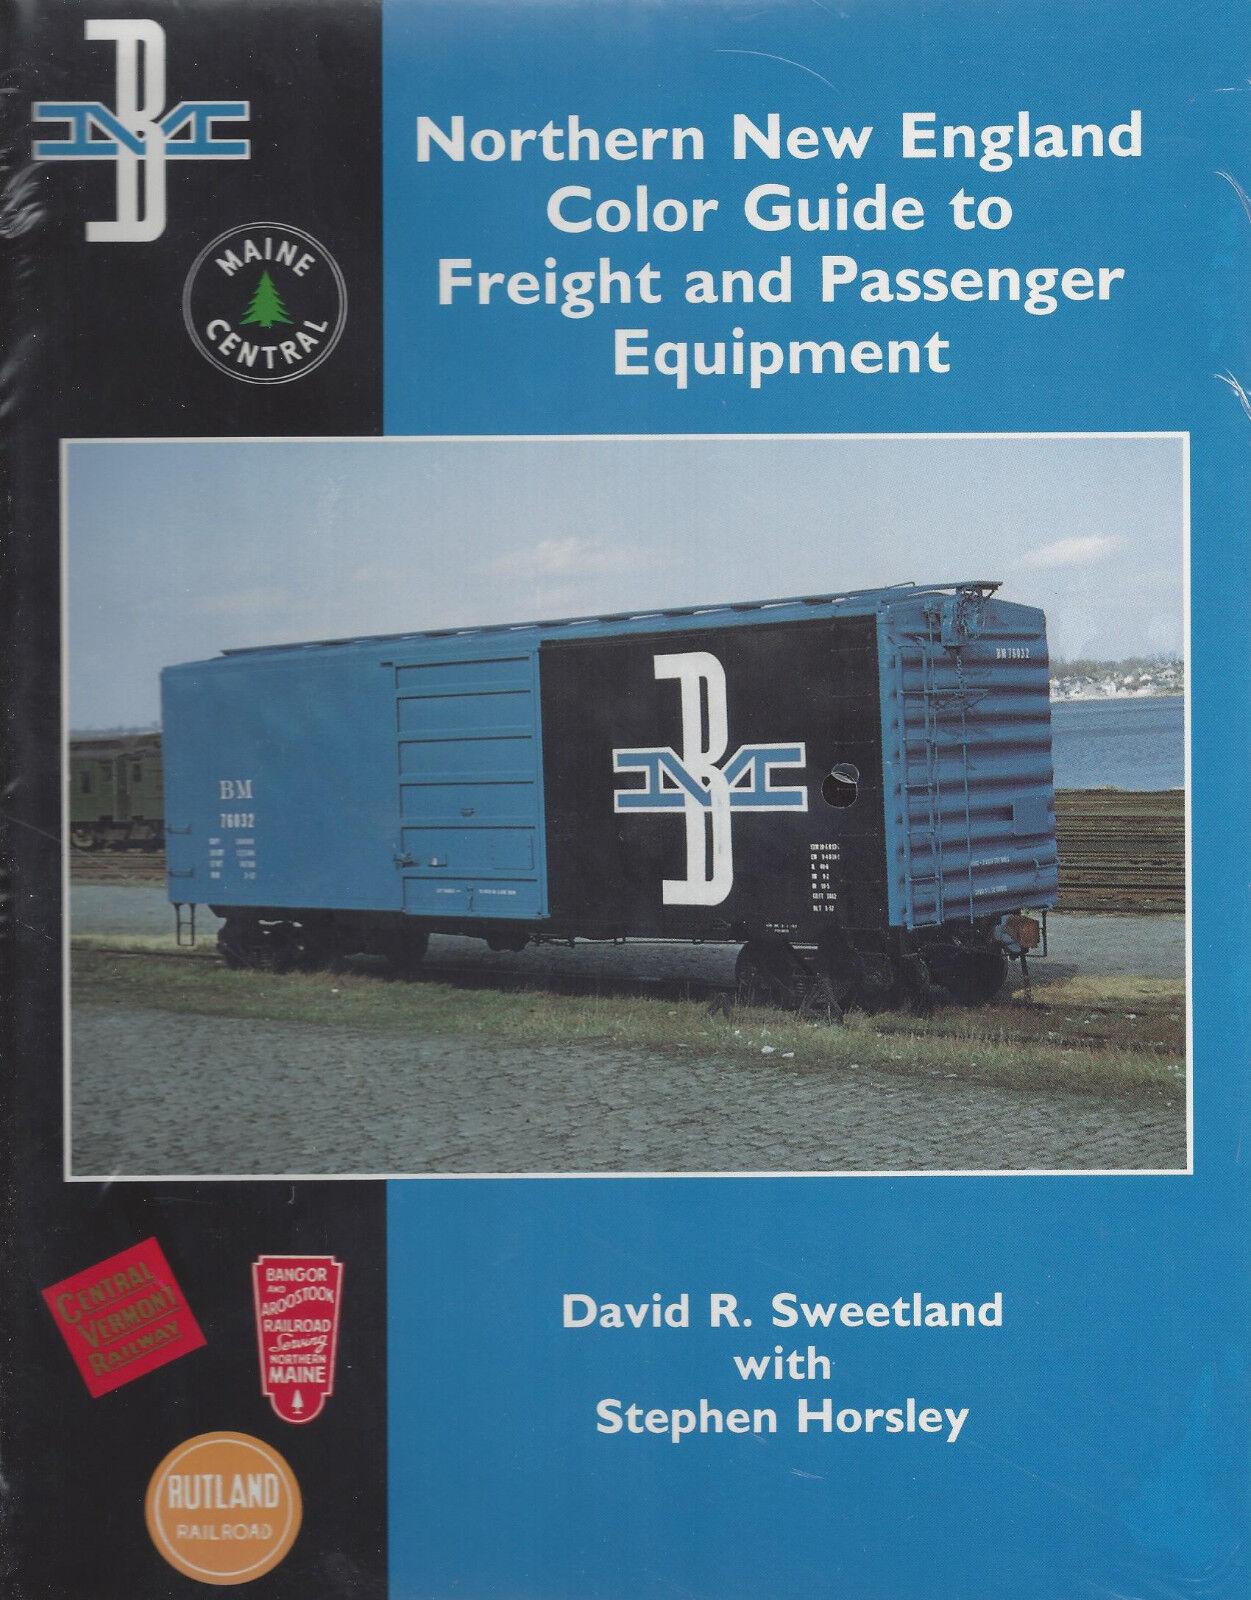 Nord Nuovo England Colore Guida a Freight & Passeggeri Accessori 1950-1970, Nuovo